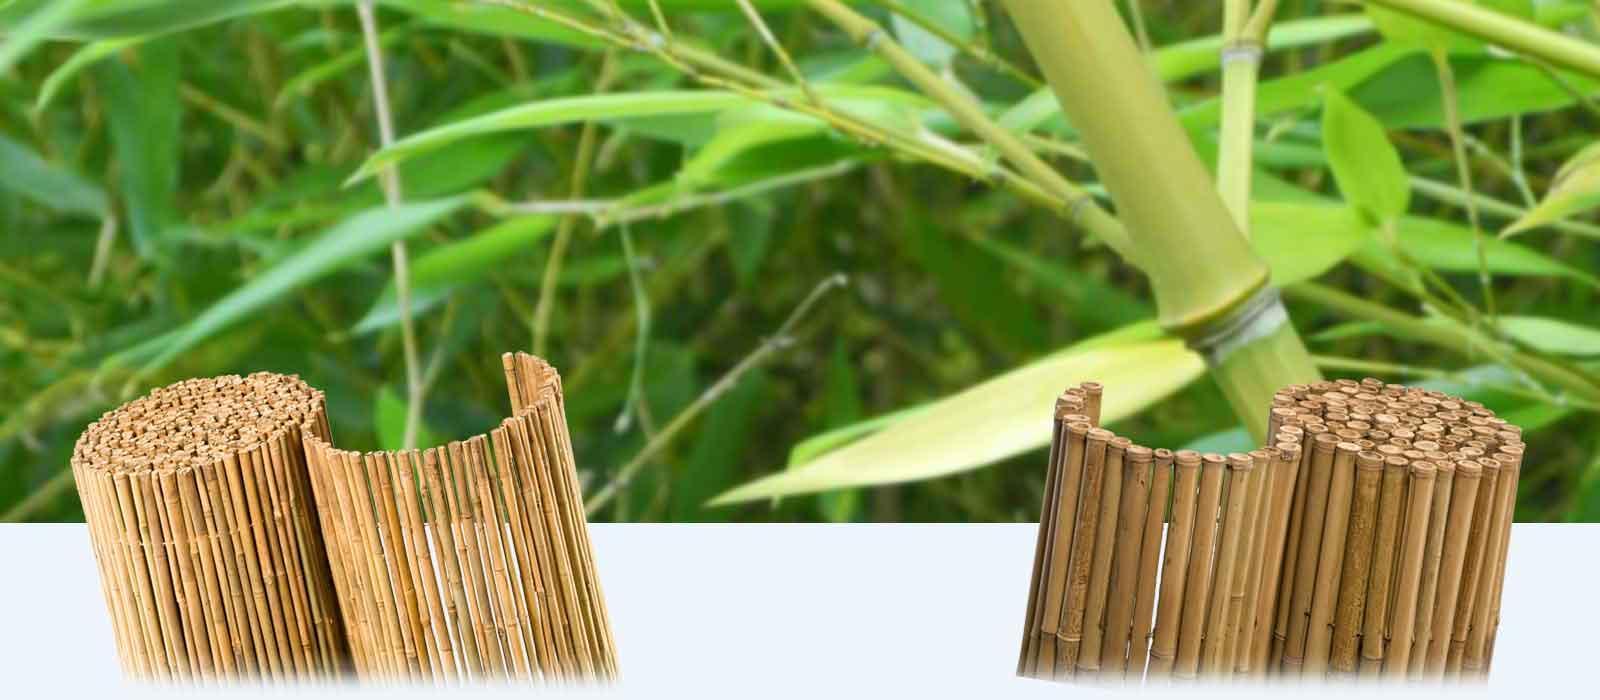 stabile und dichte bambusmatten als sichtschutz von h chster qualit t. Black Bedroom Furniture Sets. Home Design Ideas